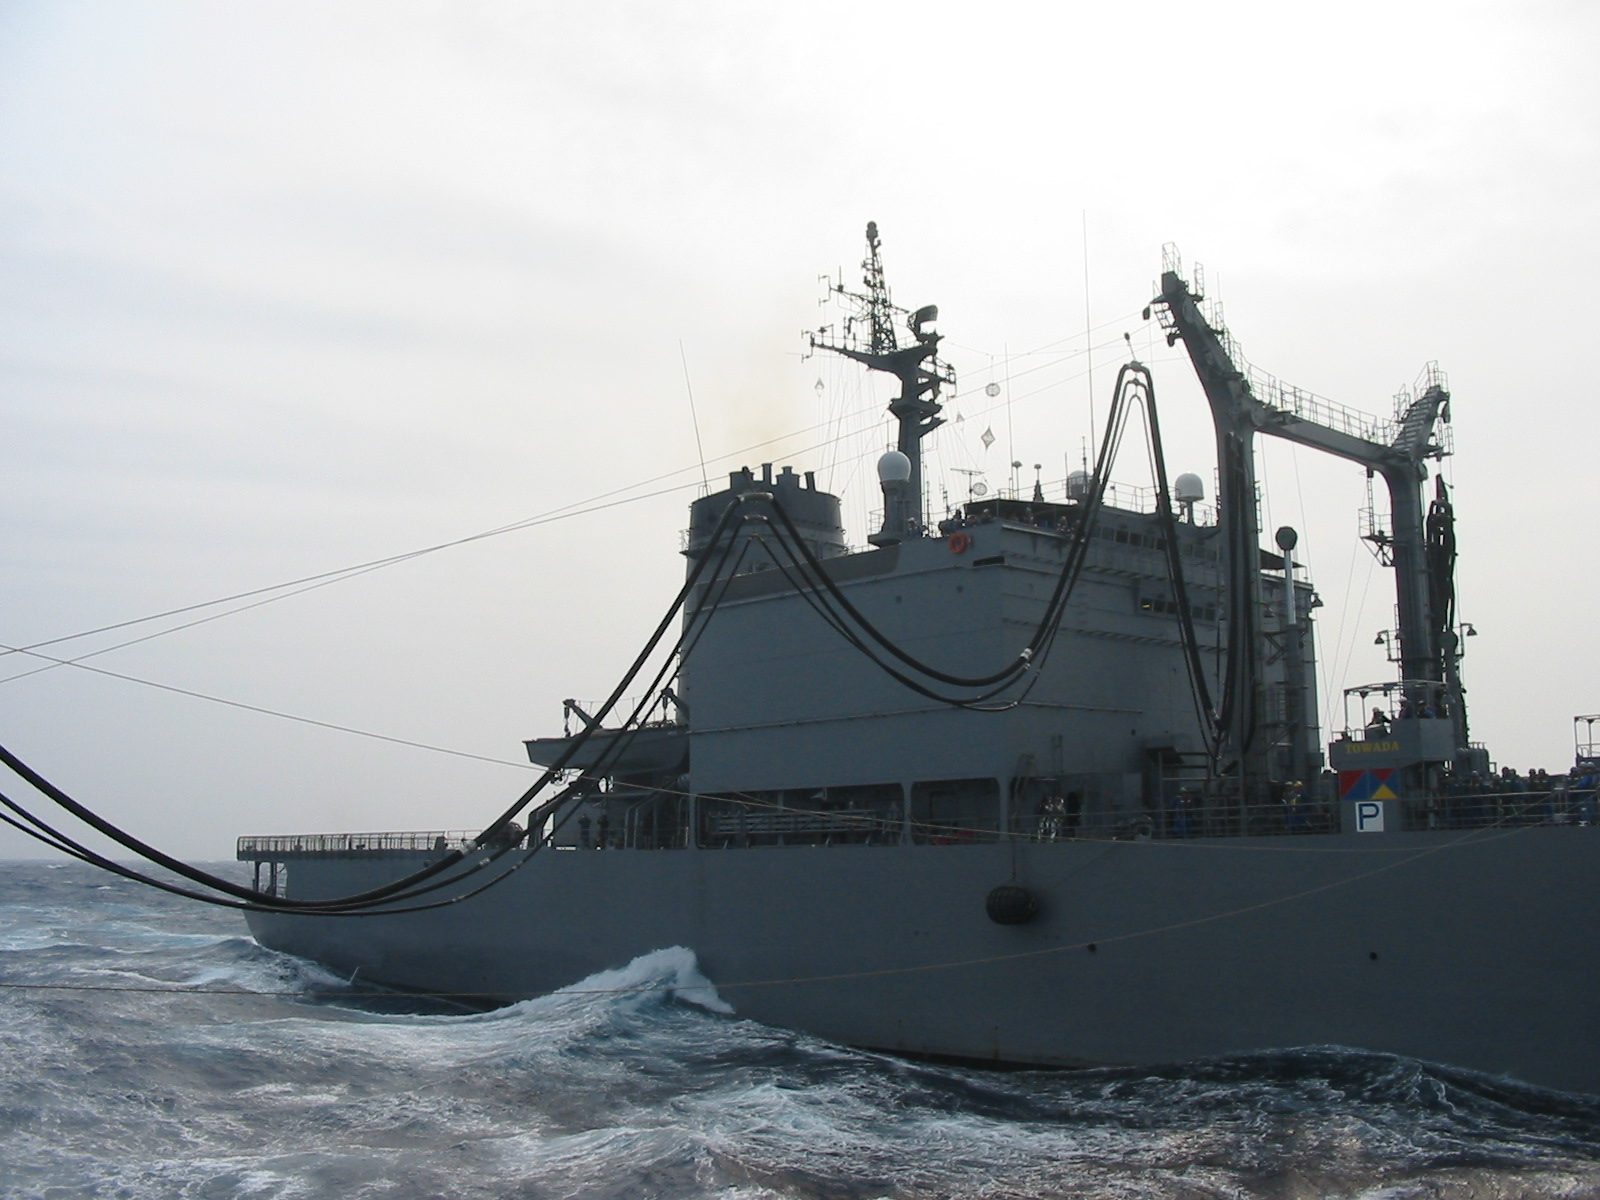 洋上補給 海上自衛隊の洋上生活 護衛艦乗員の艦艇生活